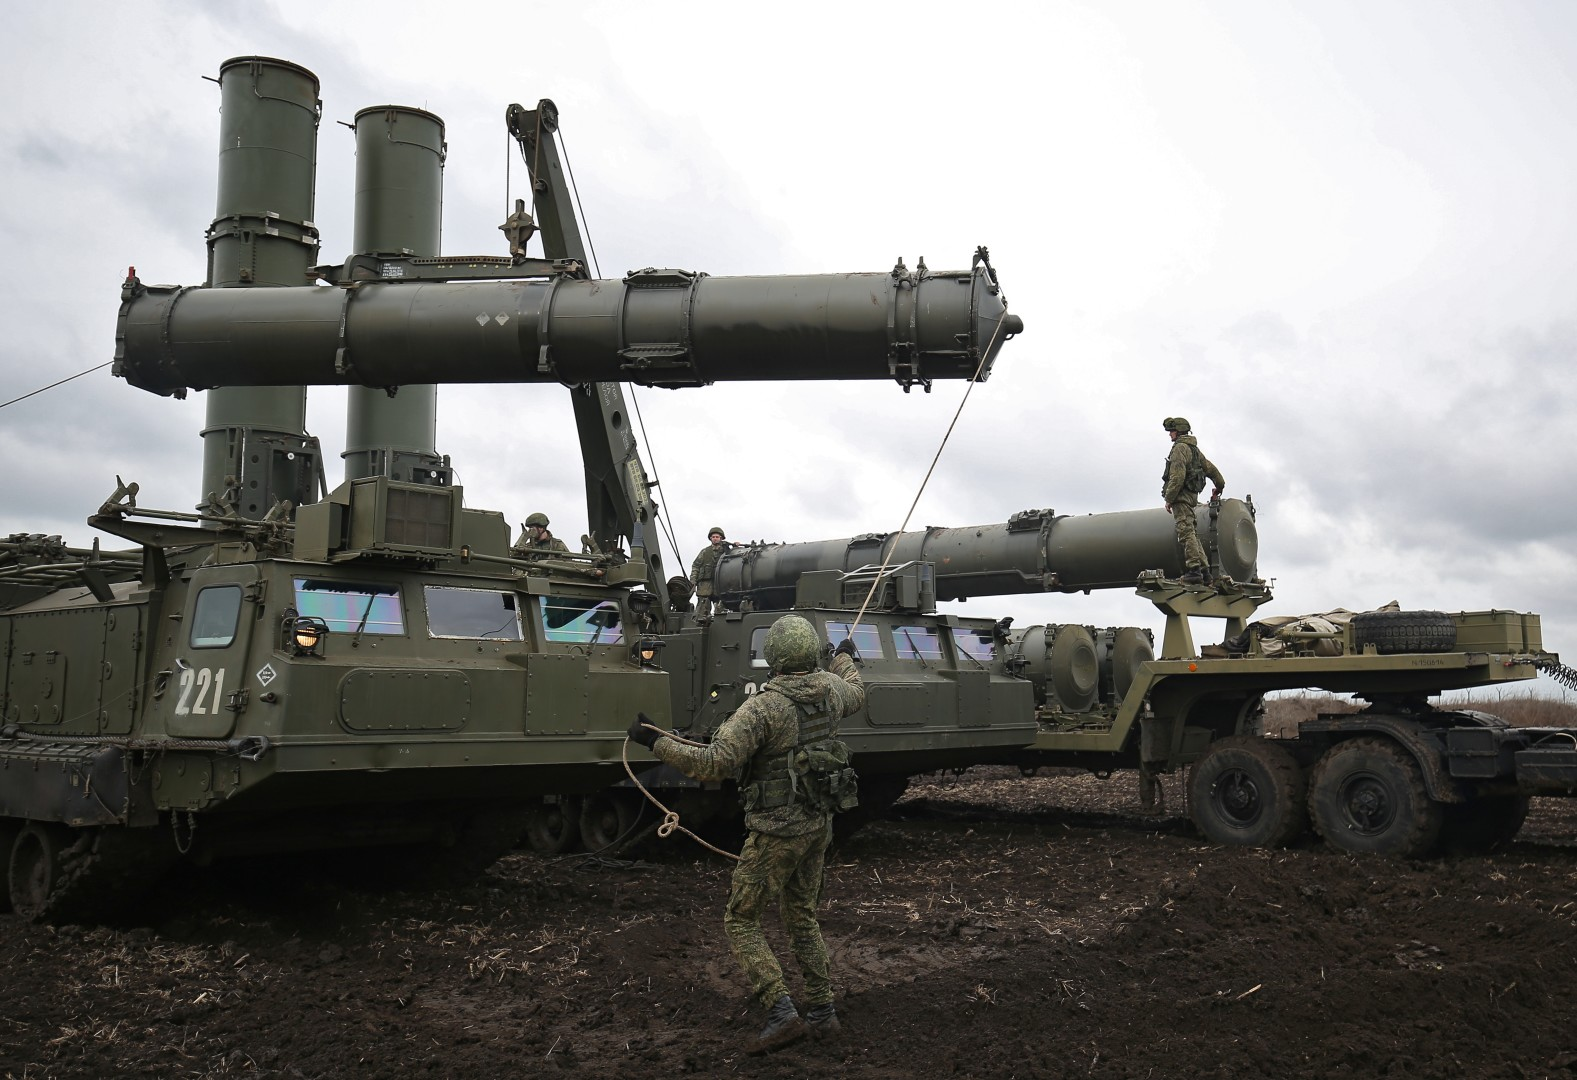 S-300V Army SAM System - Page 10 Wa1v1u4YYNk